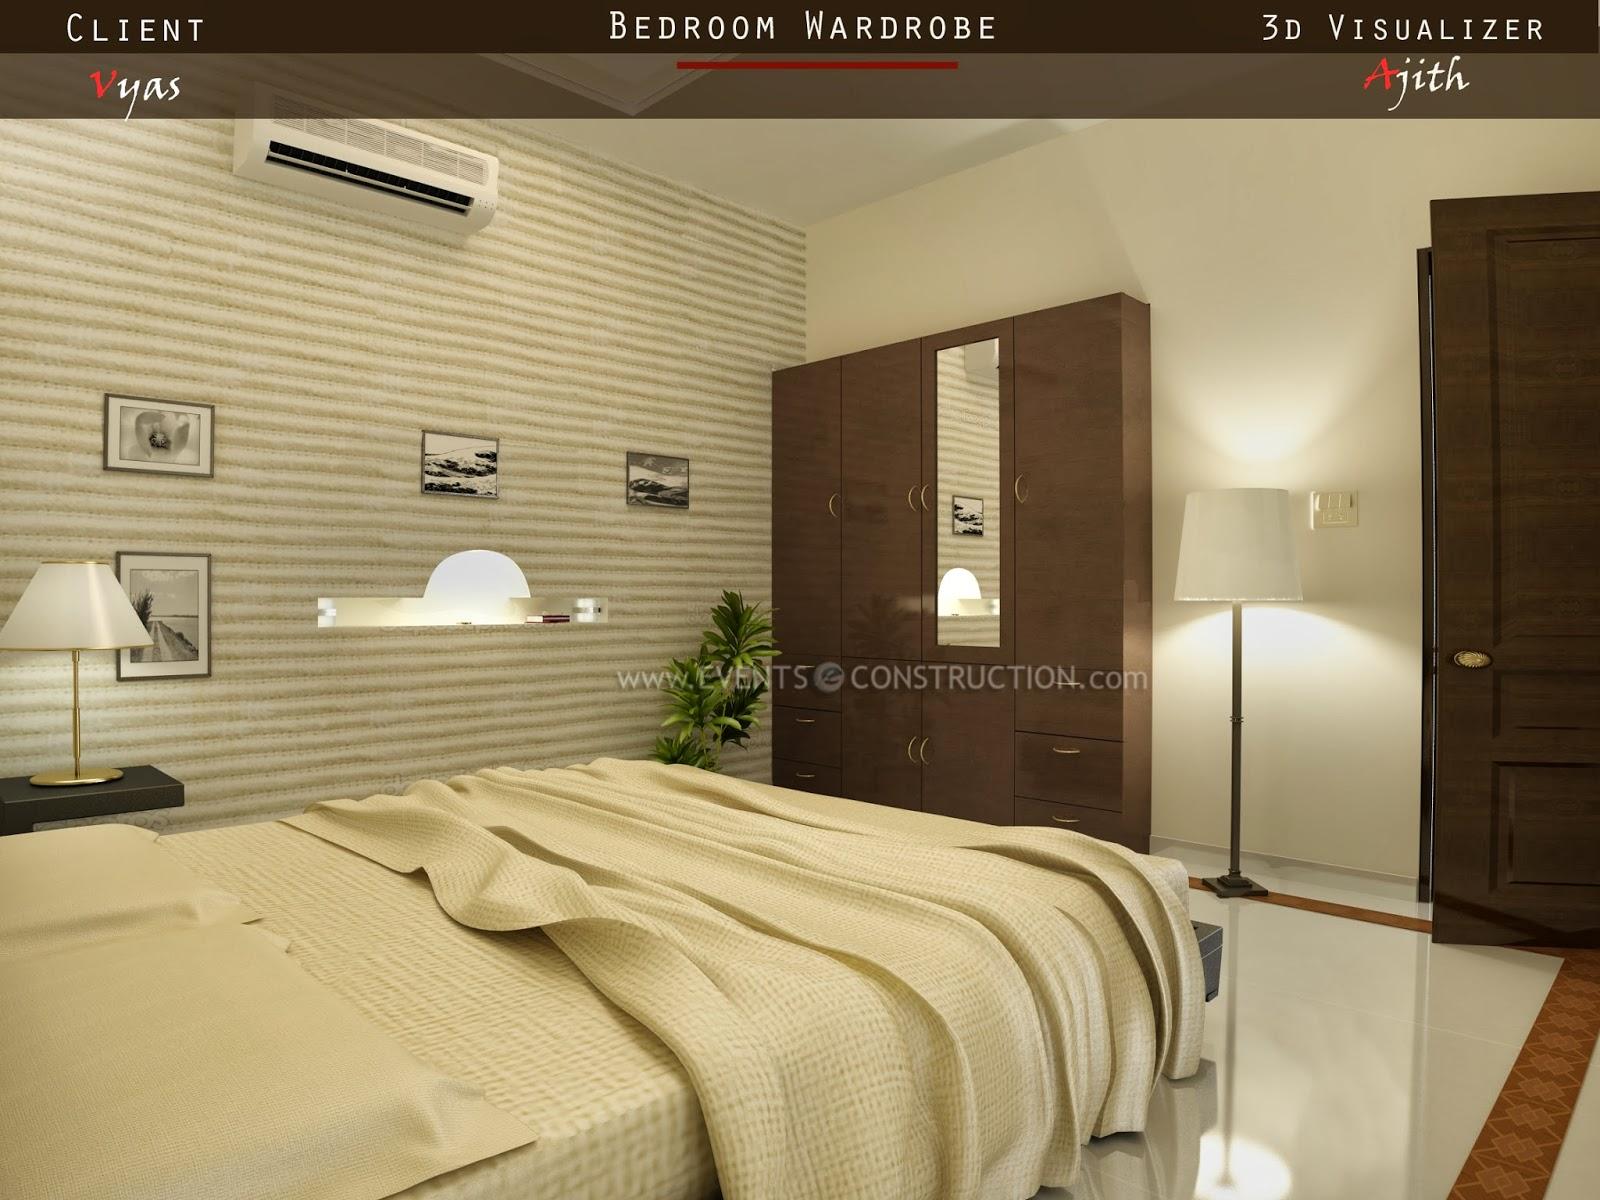 Evens construction pvt ltd bedroom interior design ideas for Villa interior designers ltd nairobi kenya